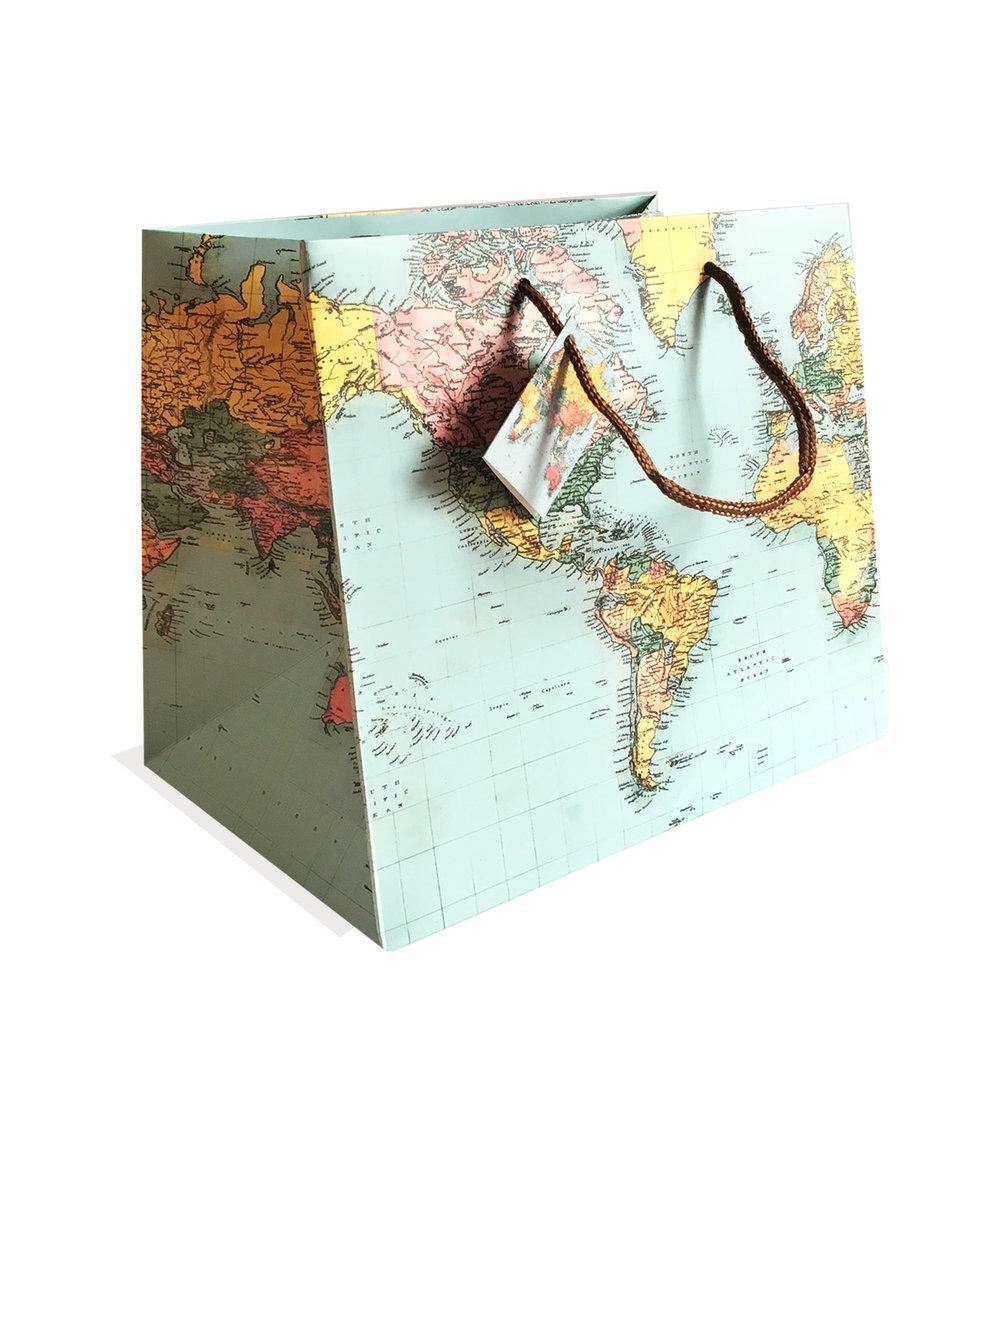 bolsita regalo con mapa y tarjeta.jpg